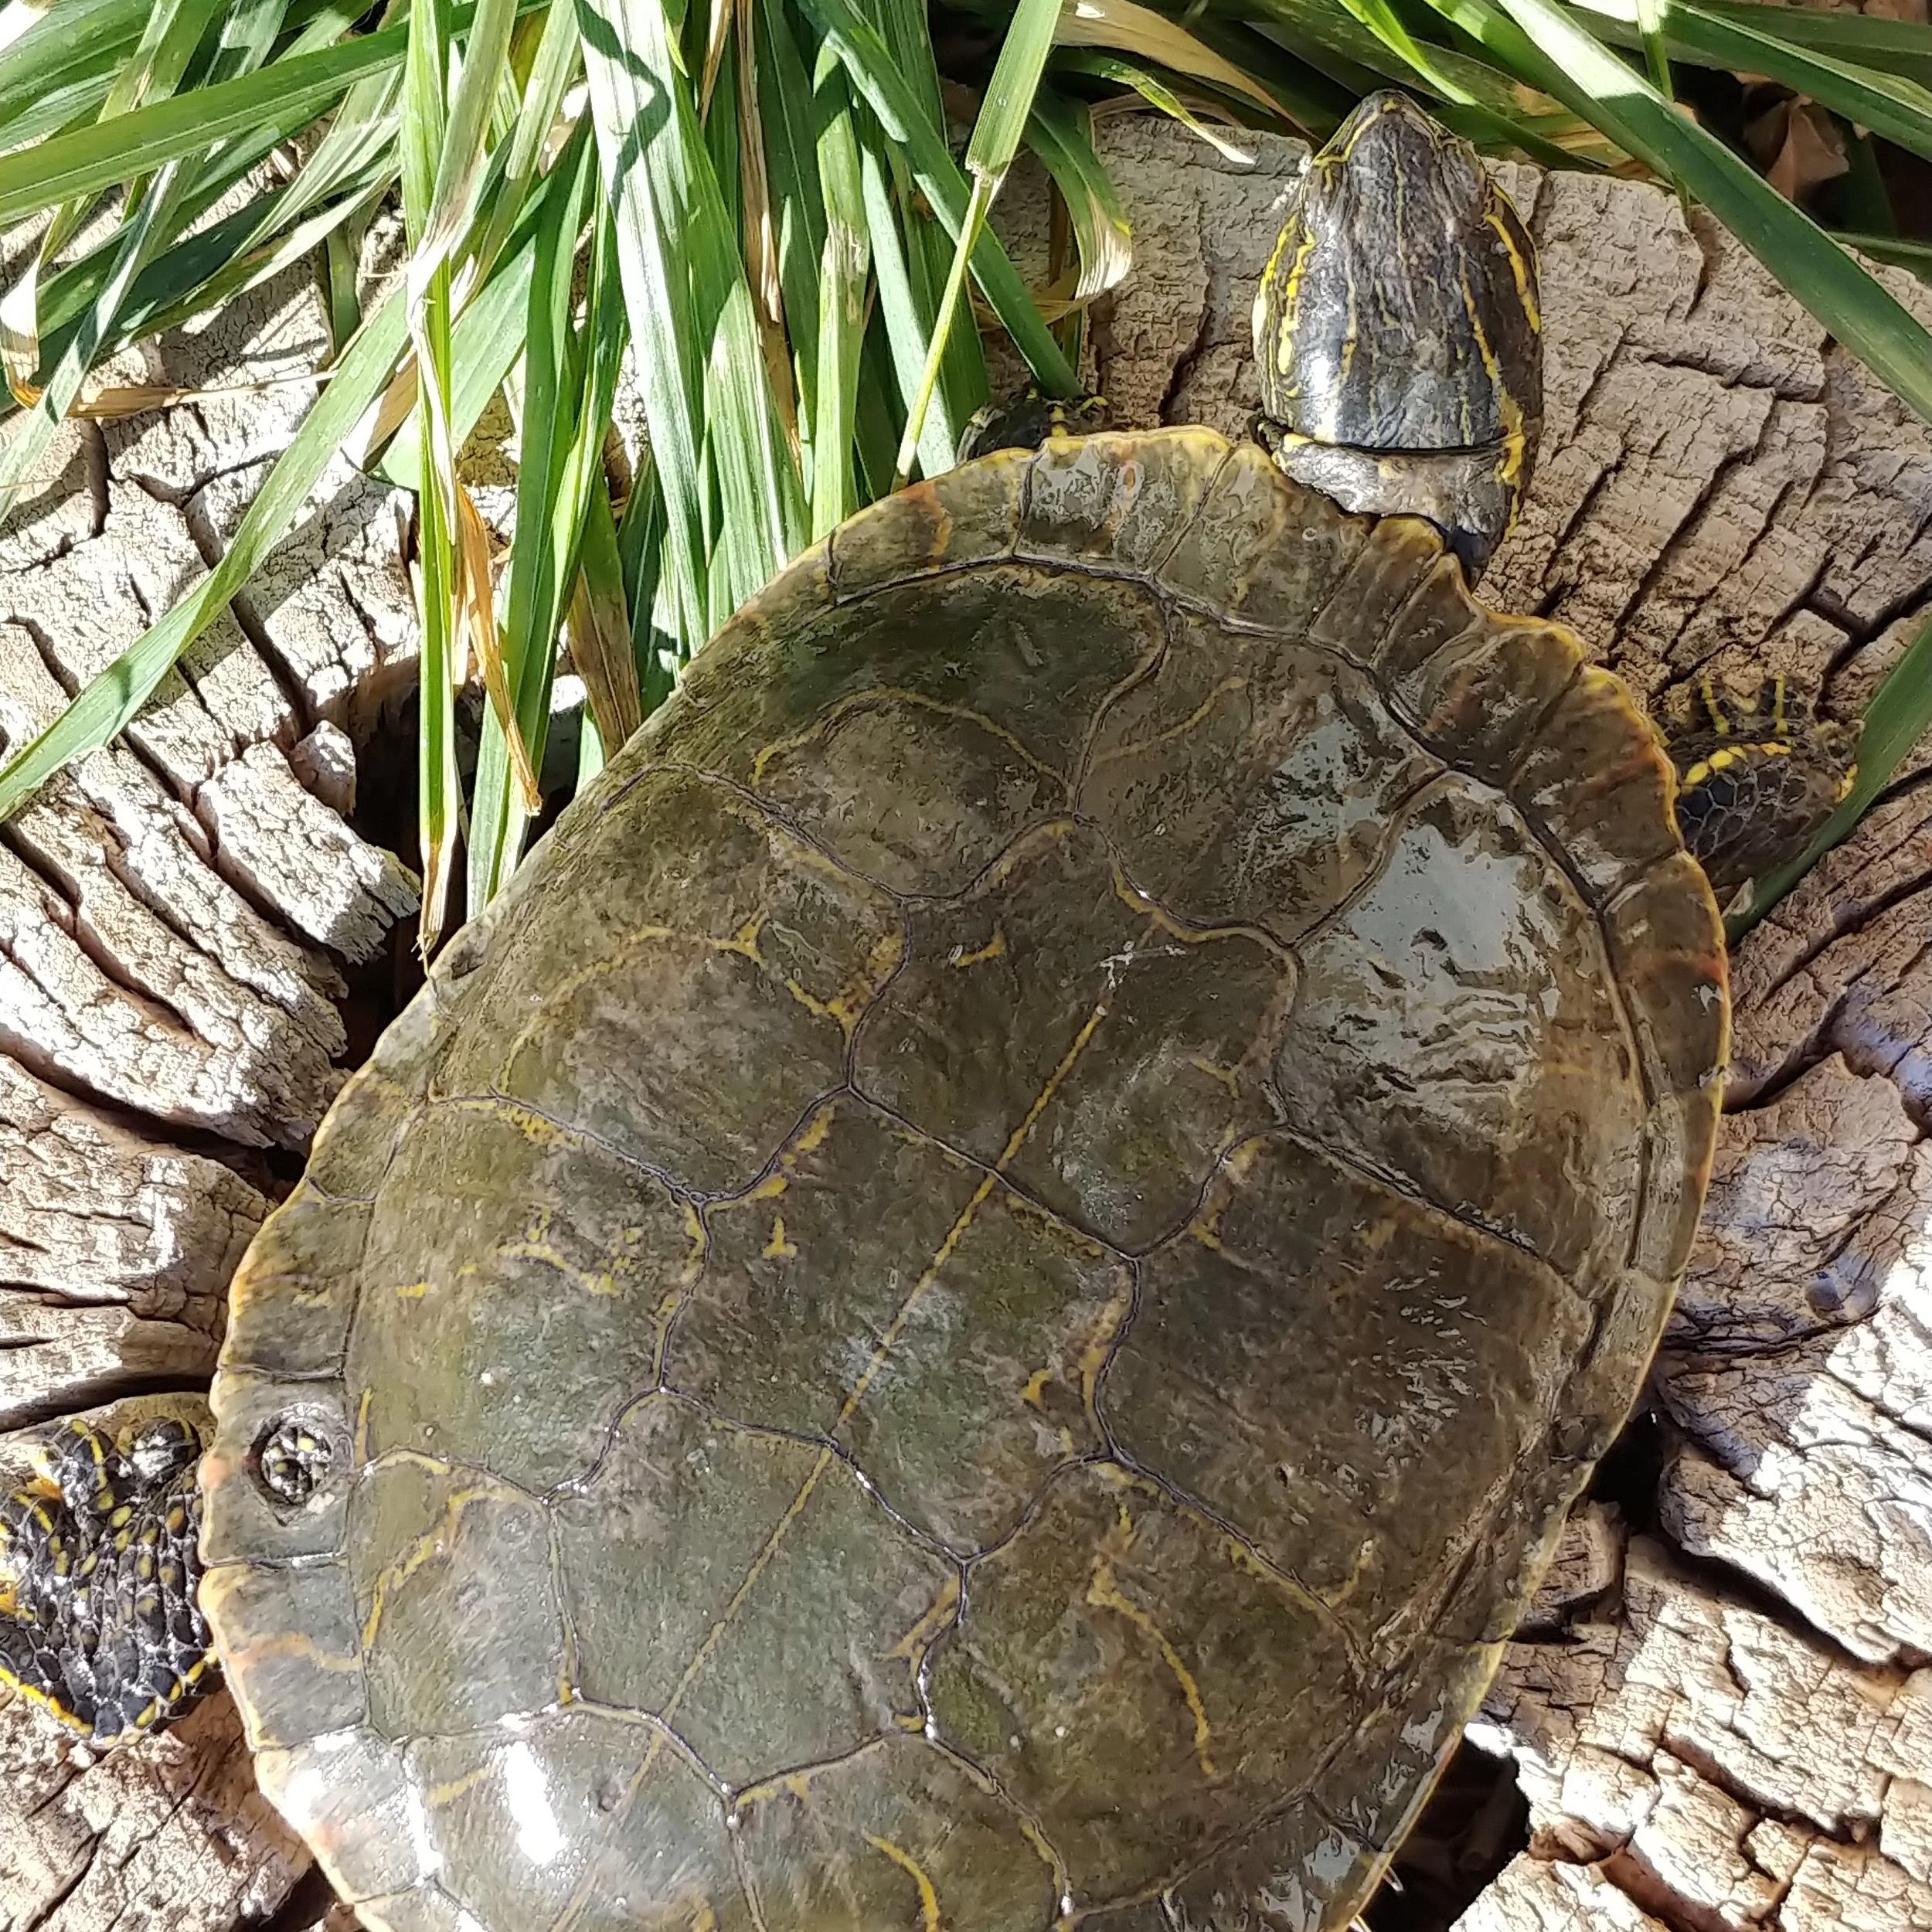 Georgia (Painted Turtle)